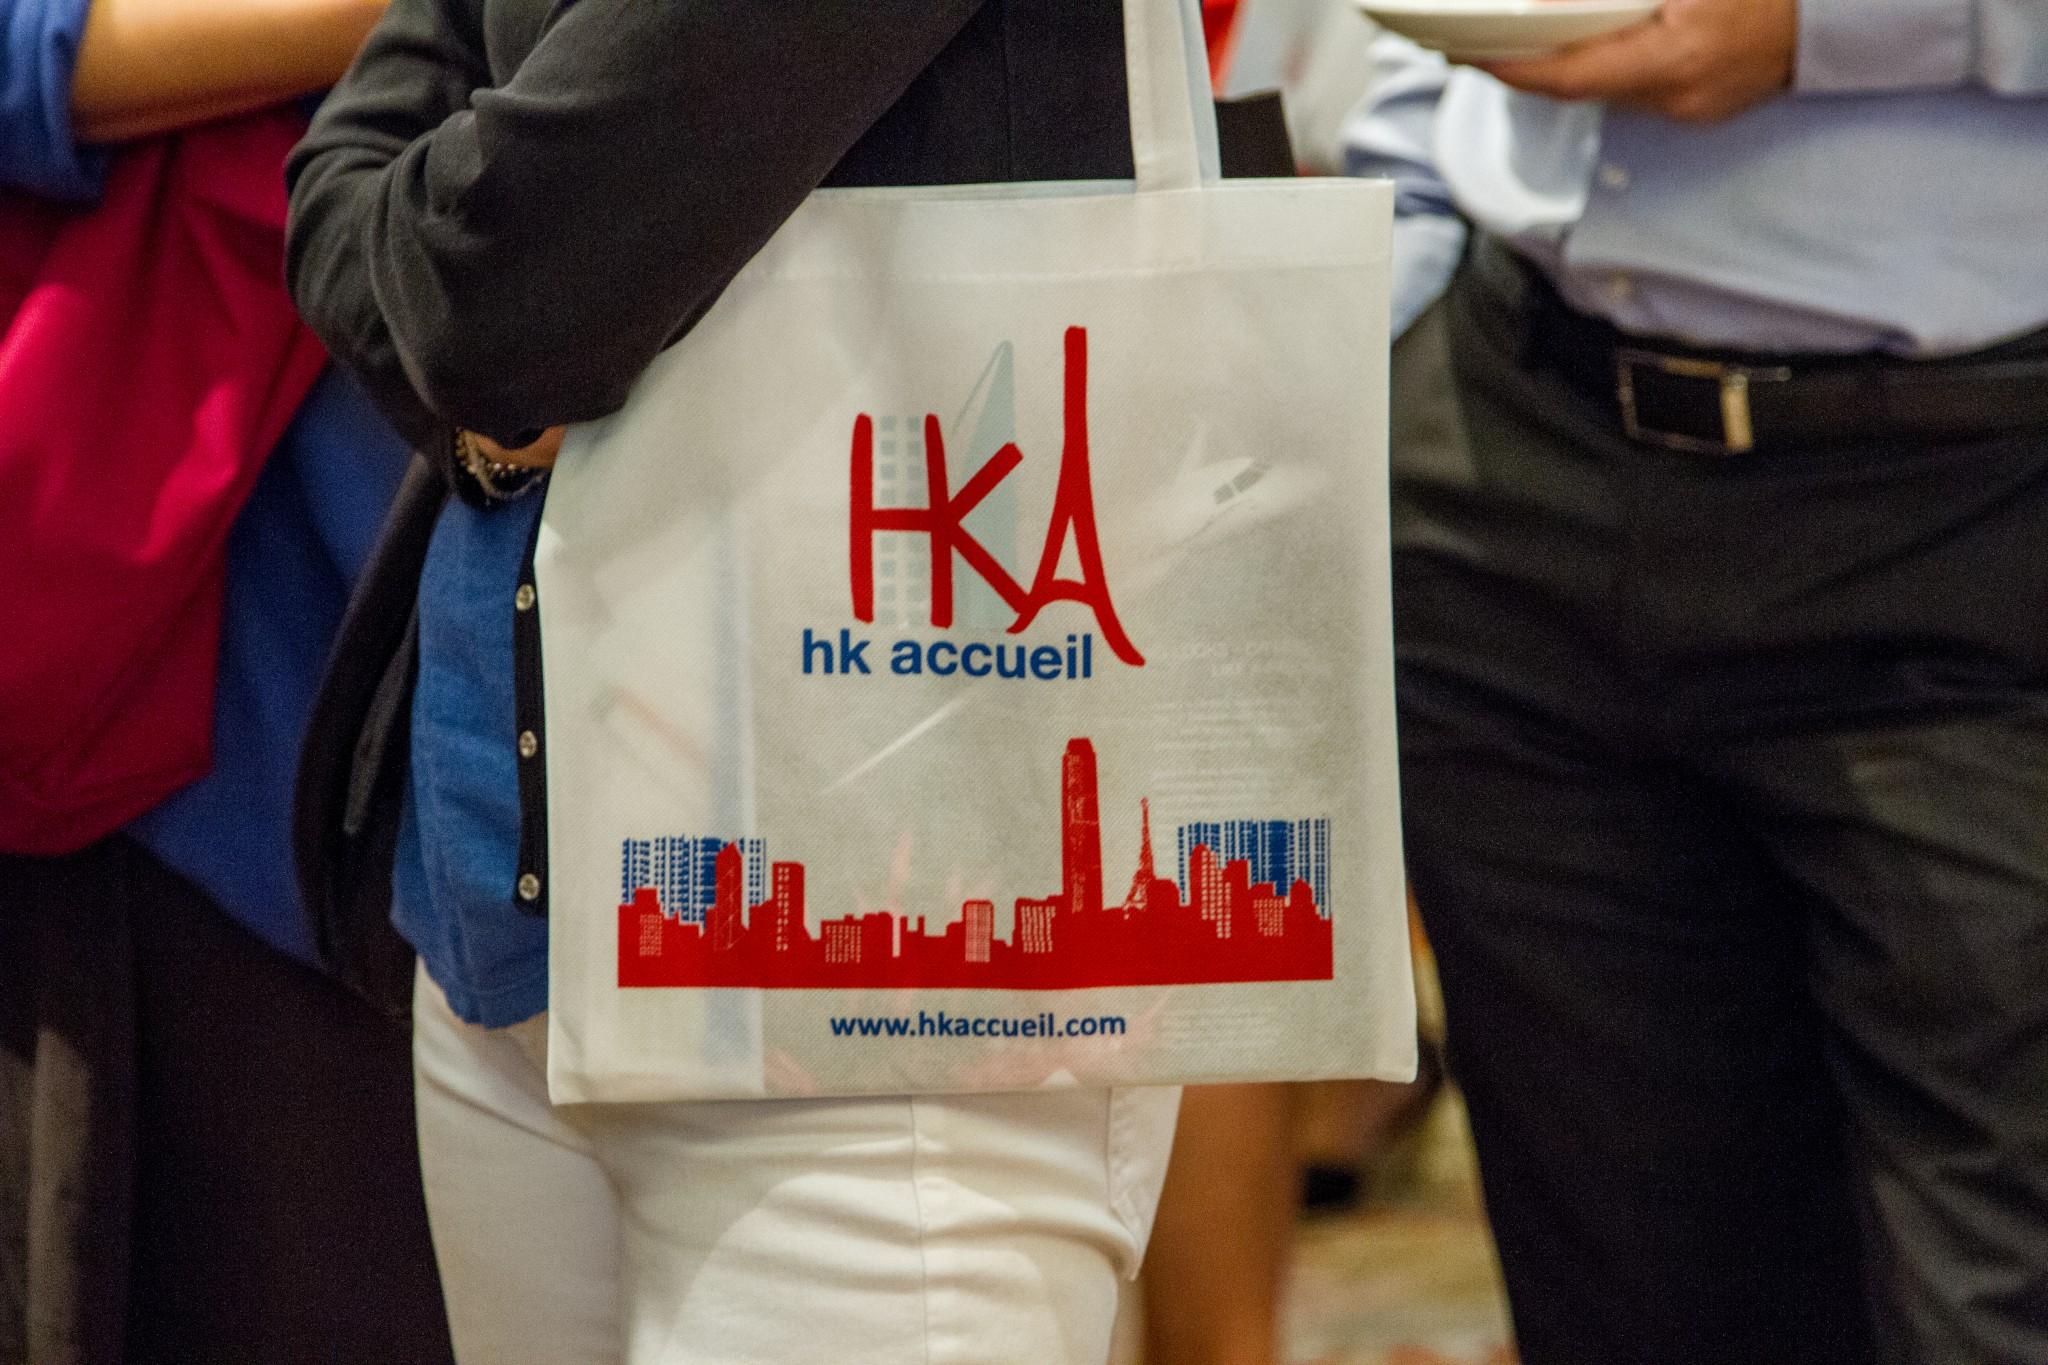 Hong Kong Acceuil